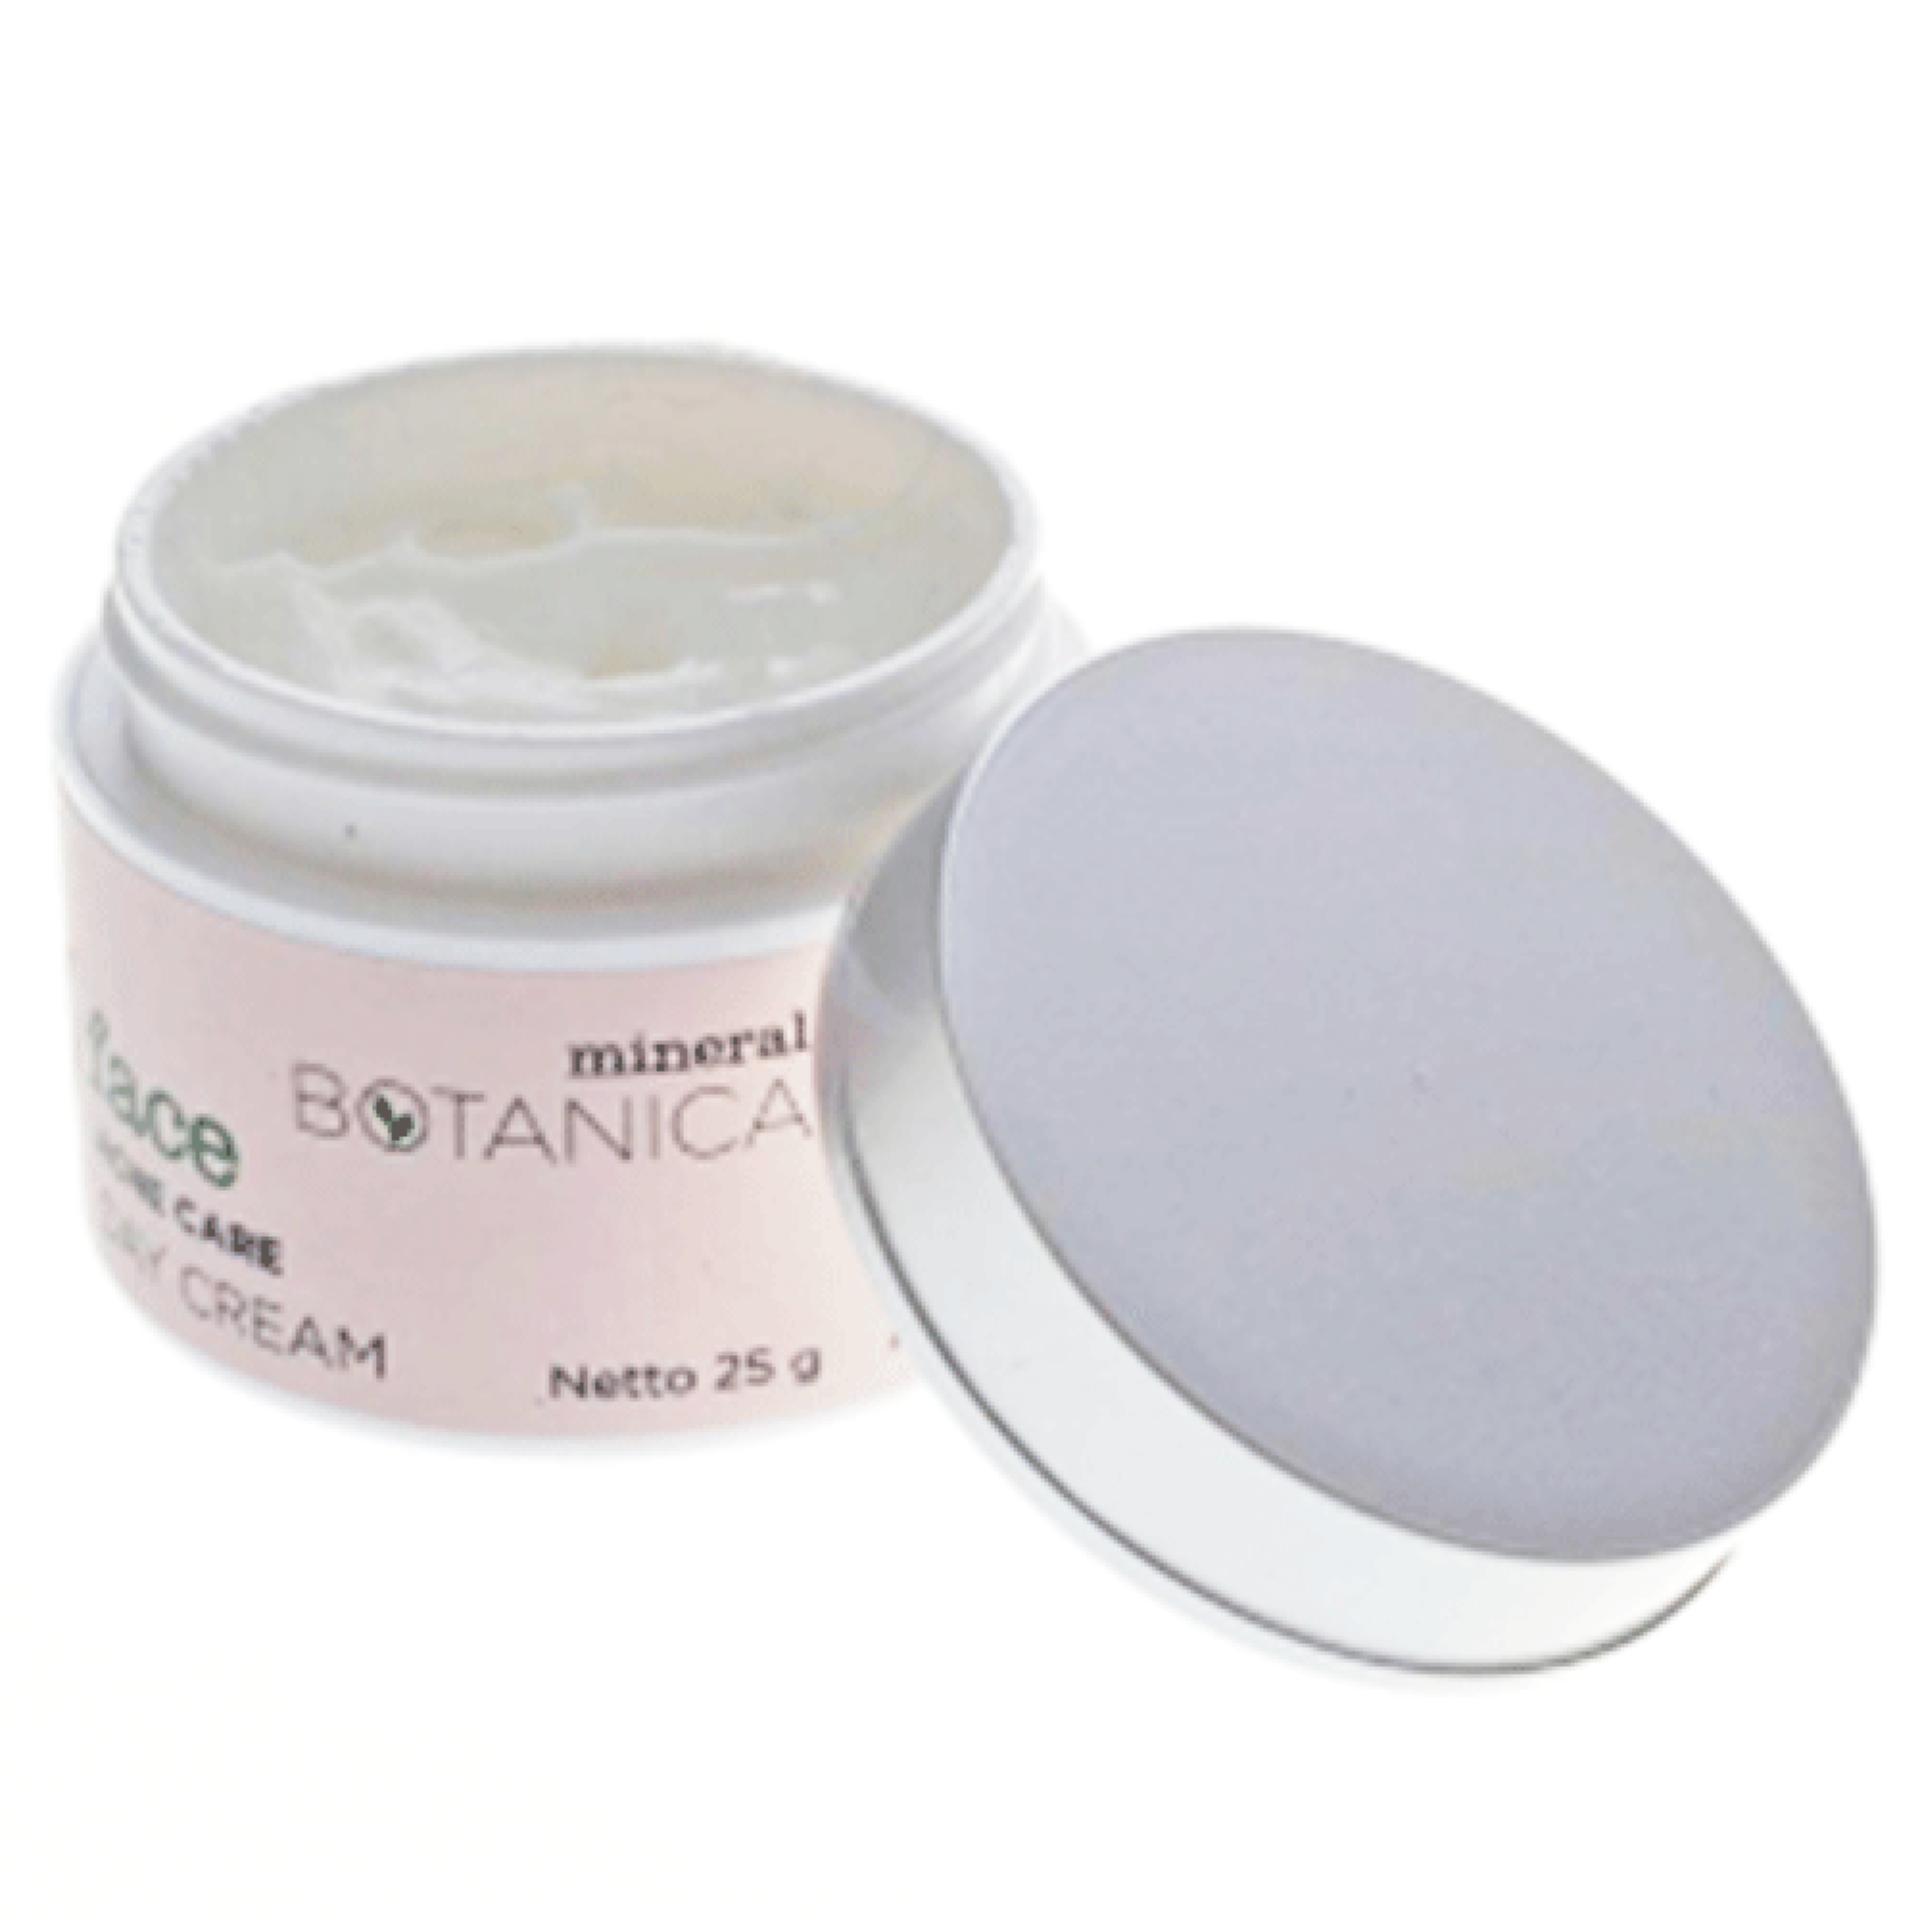 Diskon Paket Theraskin Acne Whitening Glowing Khusus Teraskin Mencerahkan Kulit Care Day Cream Krim Wajah Anti Jerawat Pagi Bpom